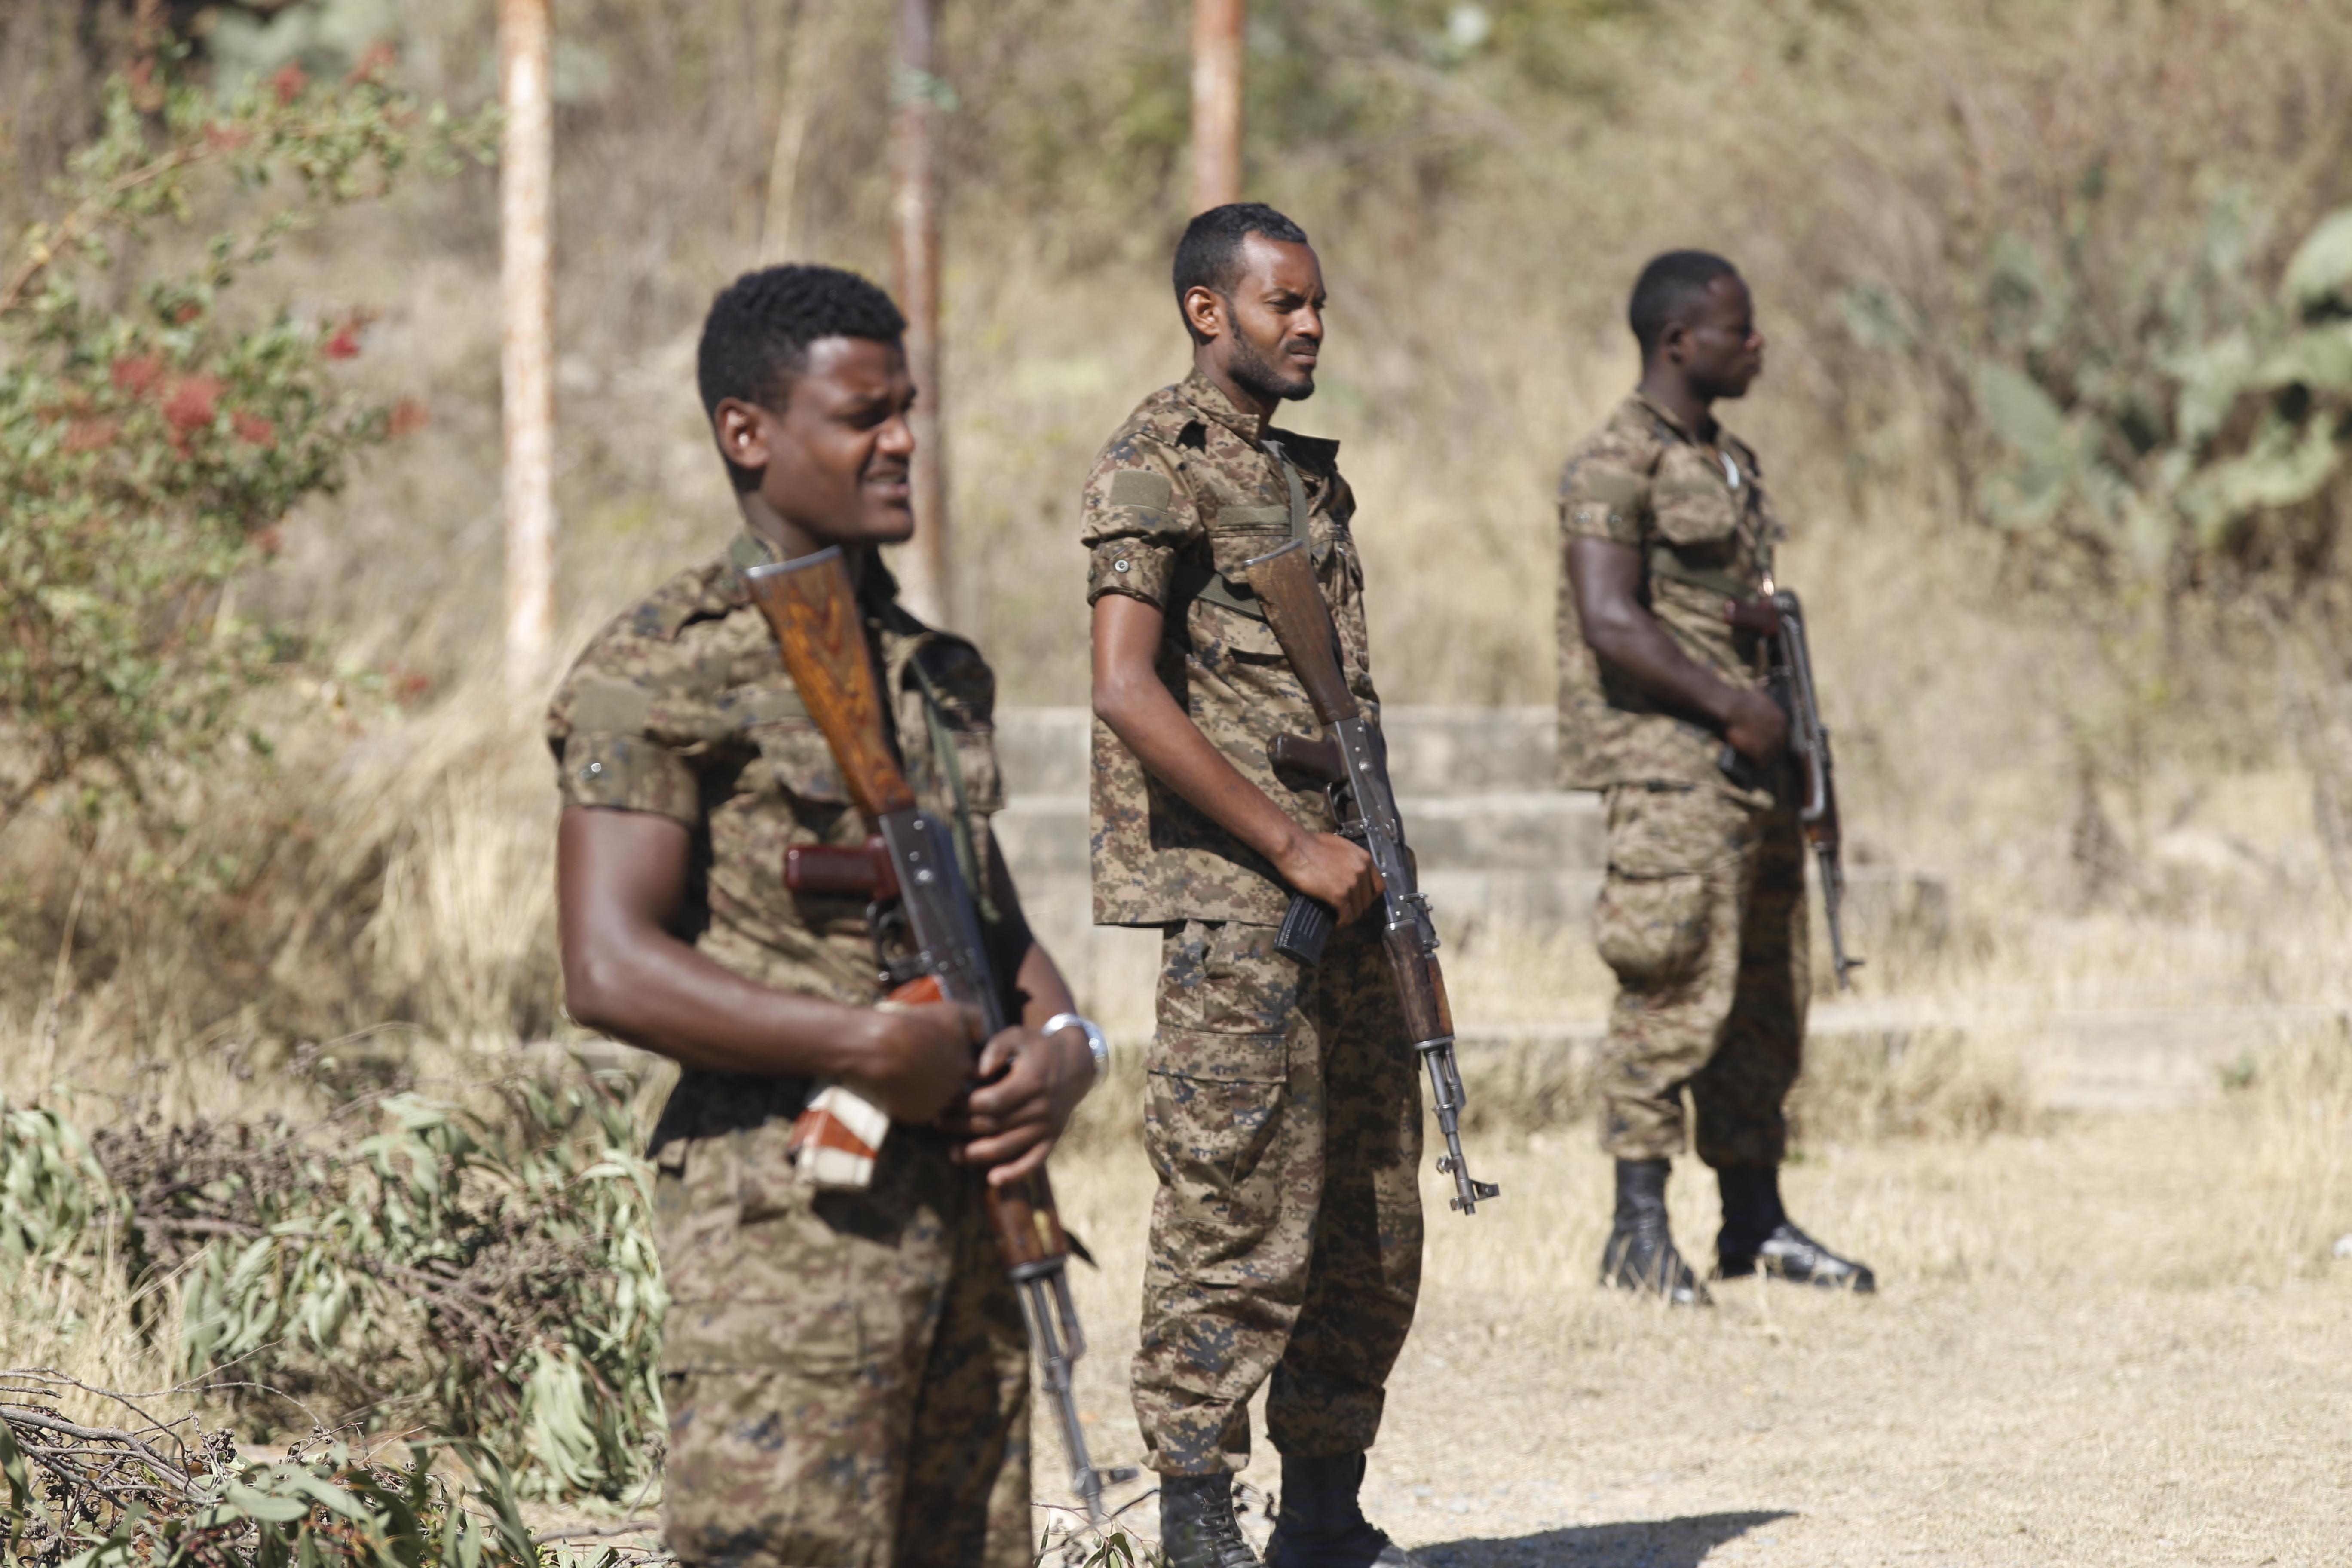 Az etióp kormányfő felszólította az állampolgárokat, hogy csatlakozzanak a fegyveres erőkhöz